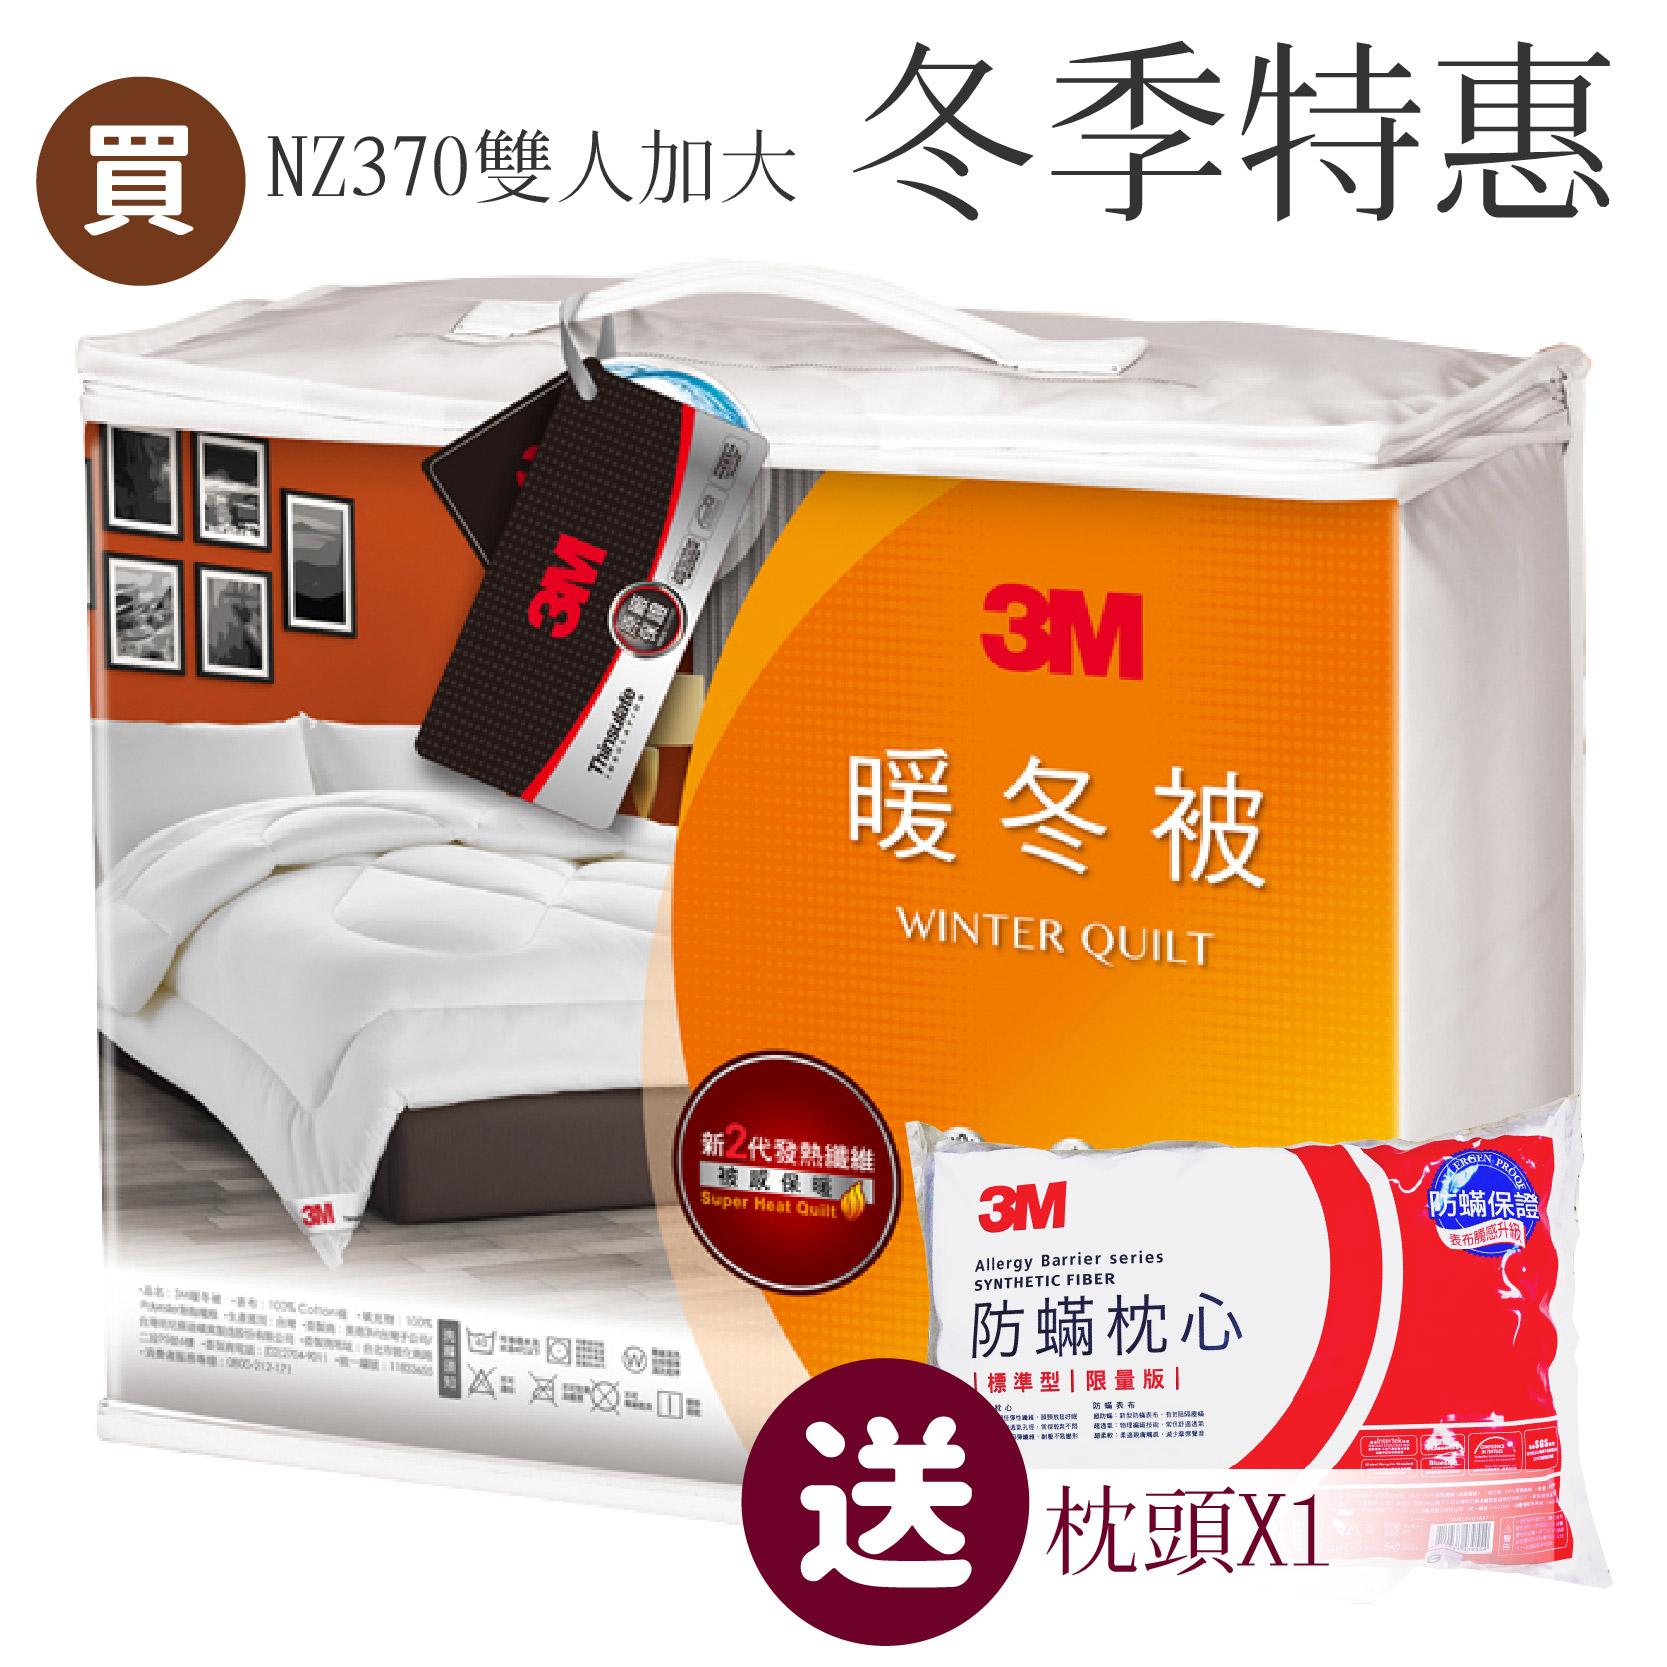 歲末暖心~【送防蹣枕1顆】3M NZ370 暖冬被 雙人加大 新2代發熱纖維 可水洗 棉被 暖被 寢具 防蹣 公司貨